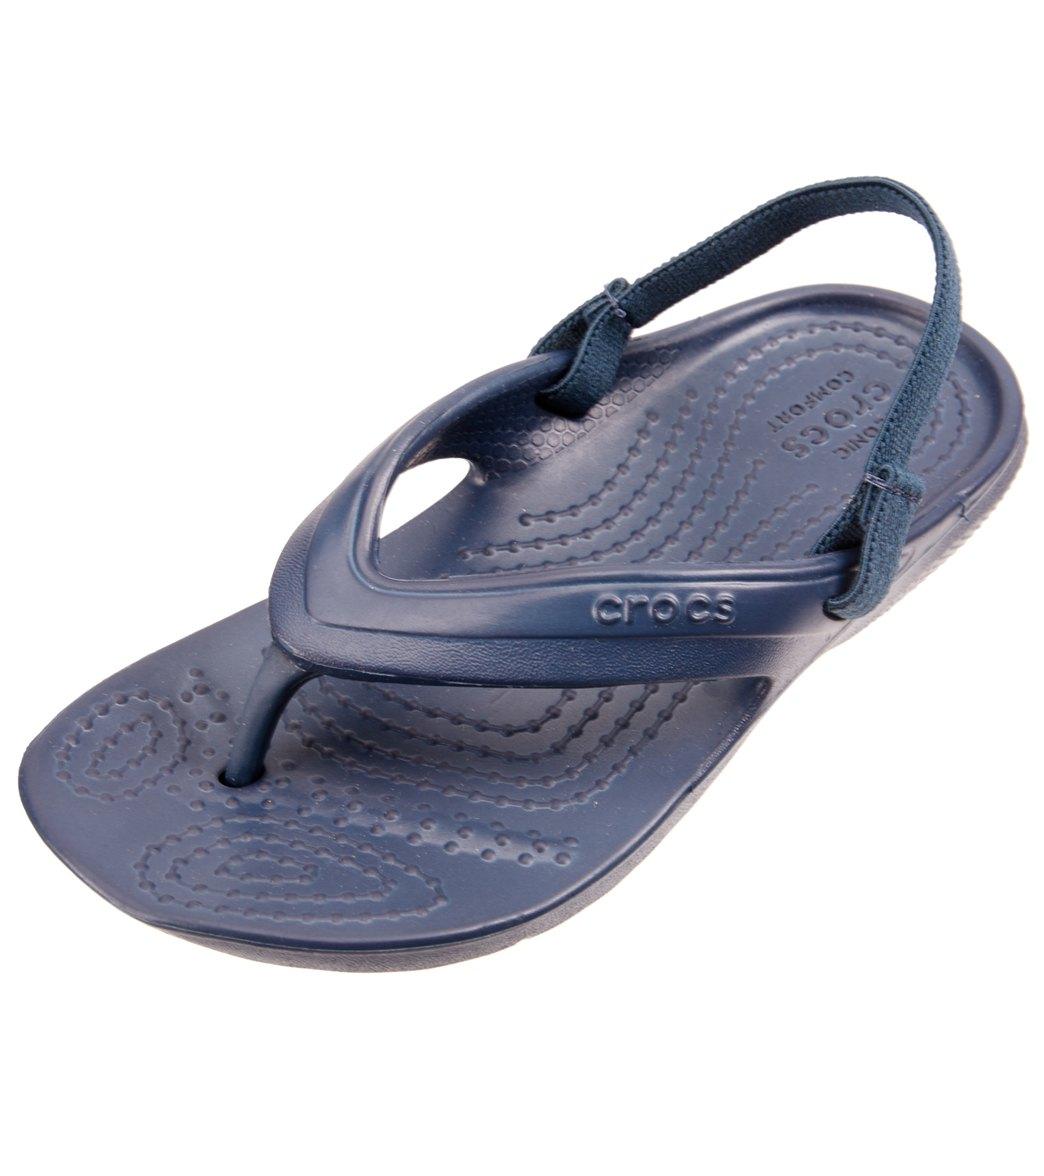 95b773aab34 Crocs Kid s Classic Flip Flop at SwimOutlet.com